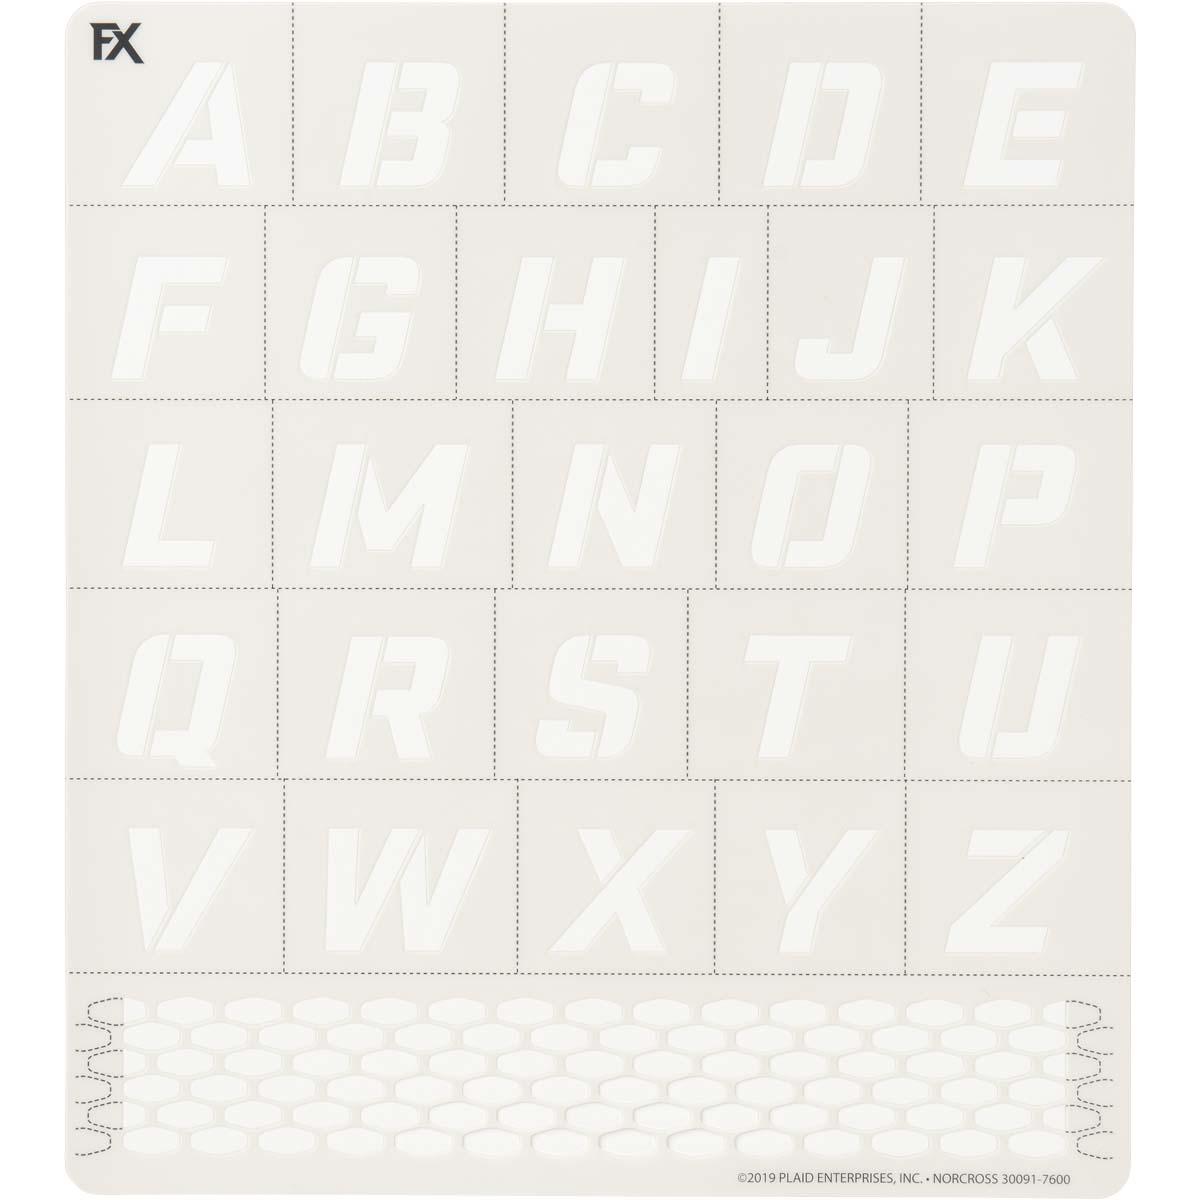 PlaidFX Template Set - Sci-Fi, 8-1/2